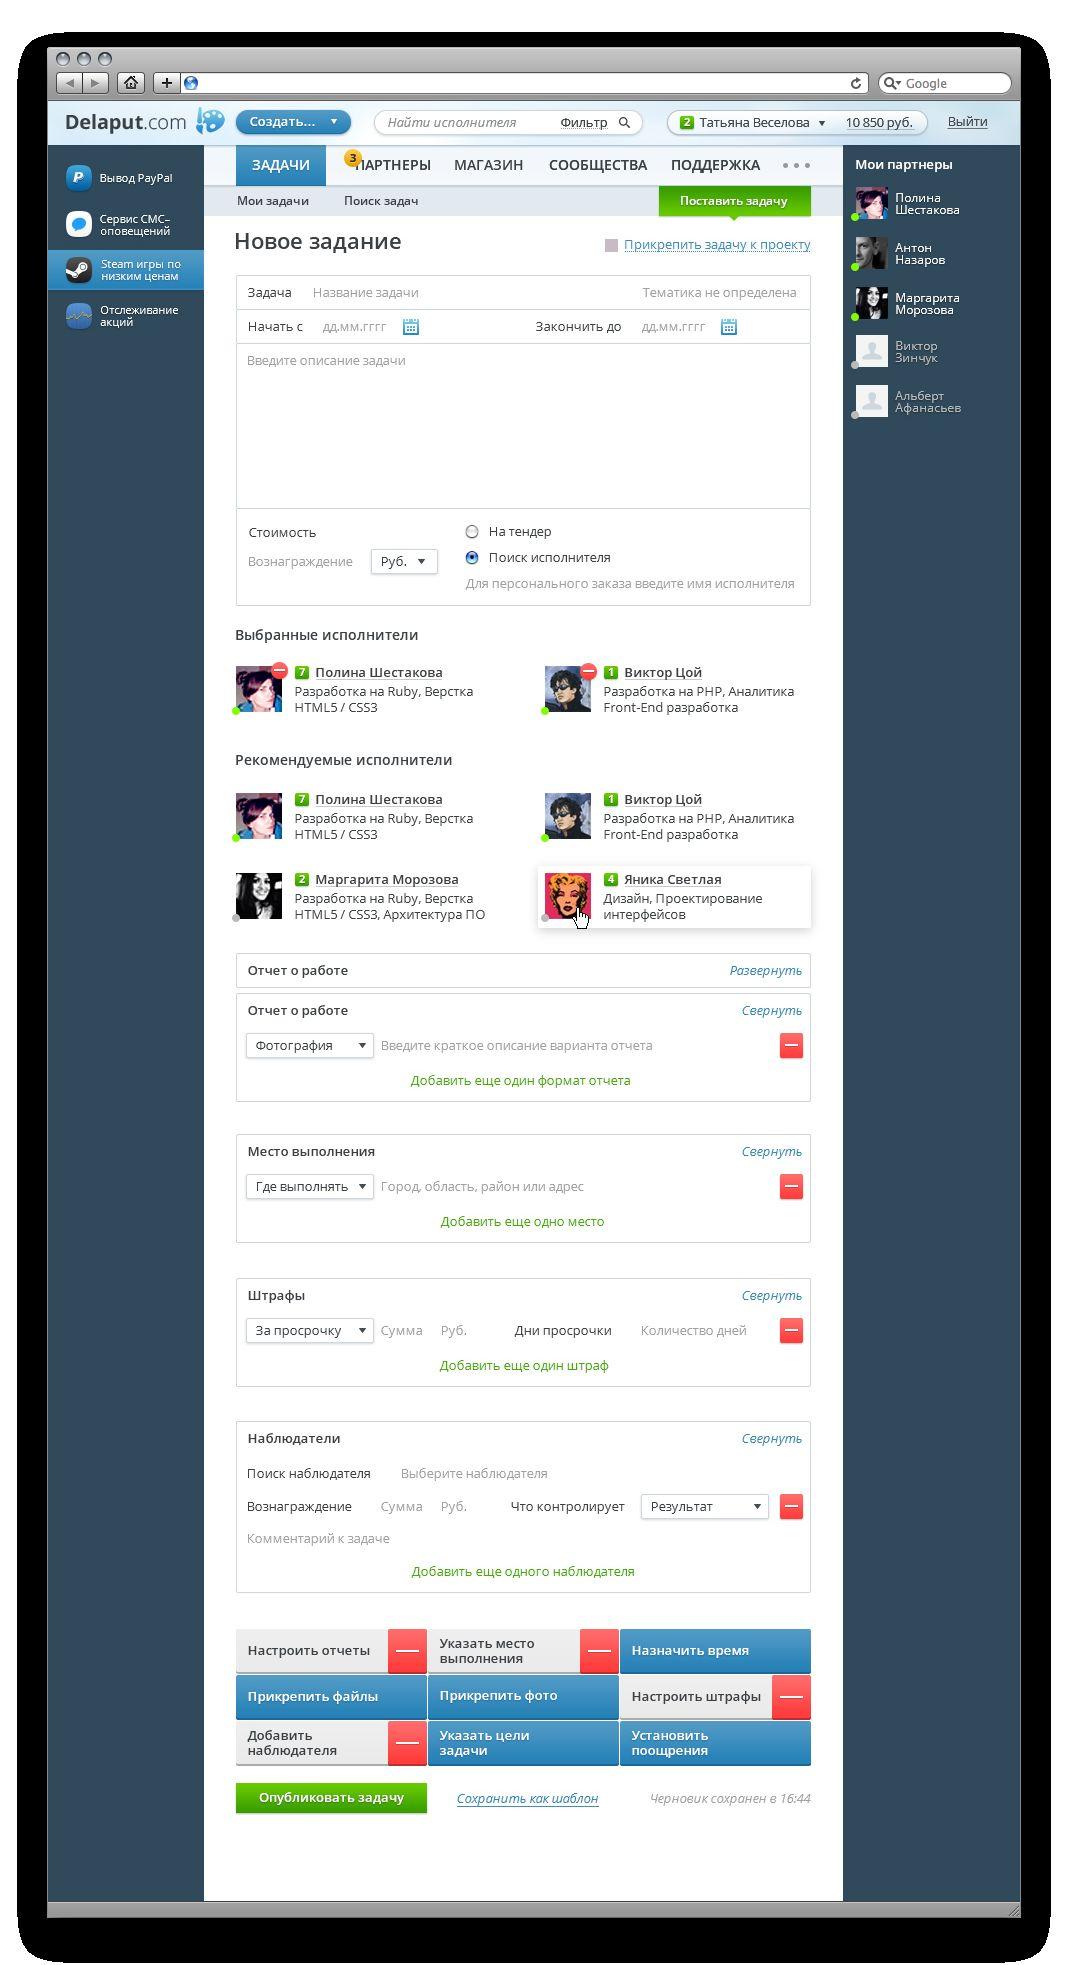 Интерфейс страницы добавления универсальной задачи - дизайнер T0rnad0